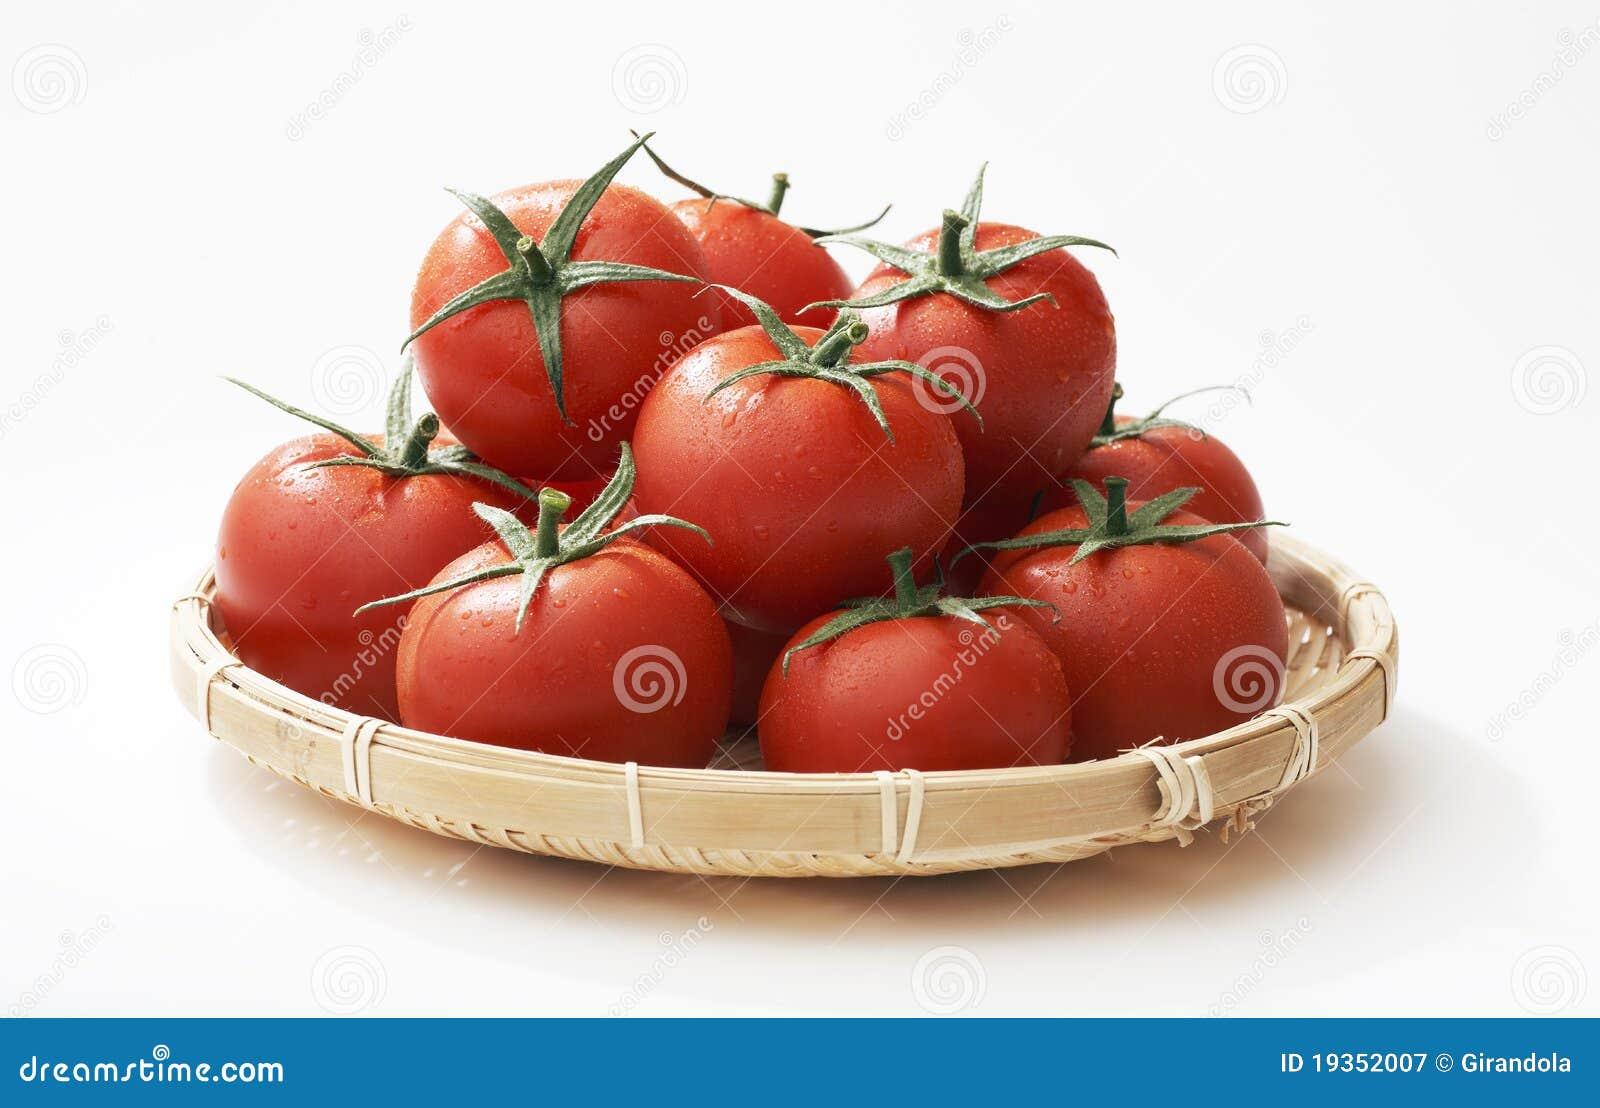 Frutas frescas do tomate